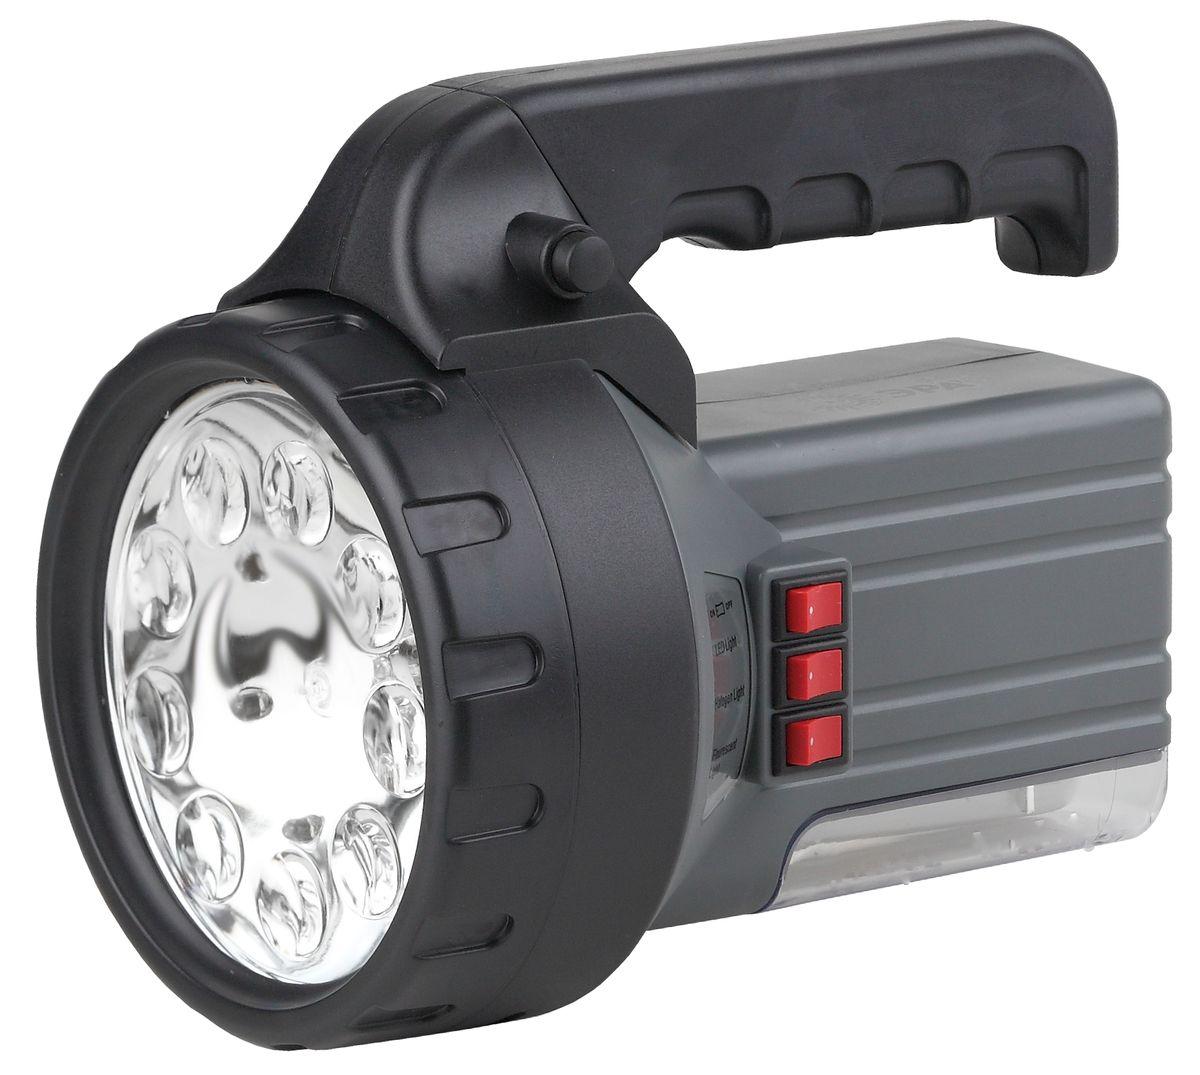 Фонарь ручной ЭРА, 9 x LED, с галогенной лампой и люминесцентным светильником фонарь кемпинговый эра 10 smd 1w аккумулятор 4v 900mah зу 220v